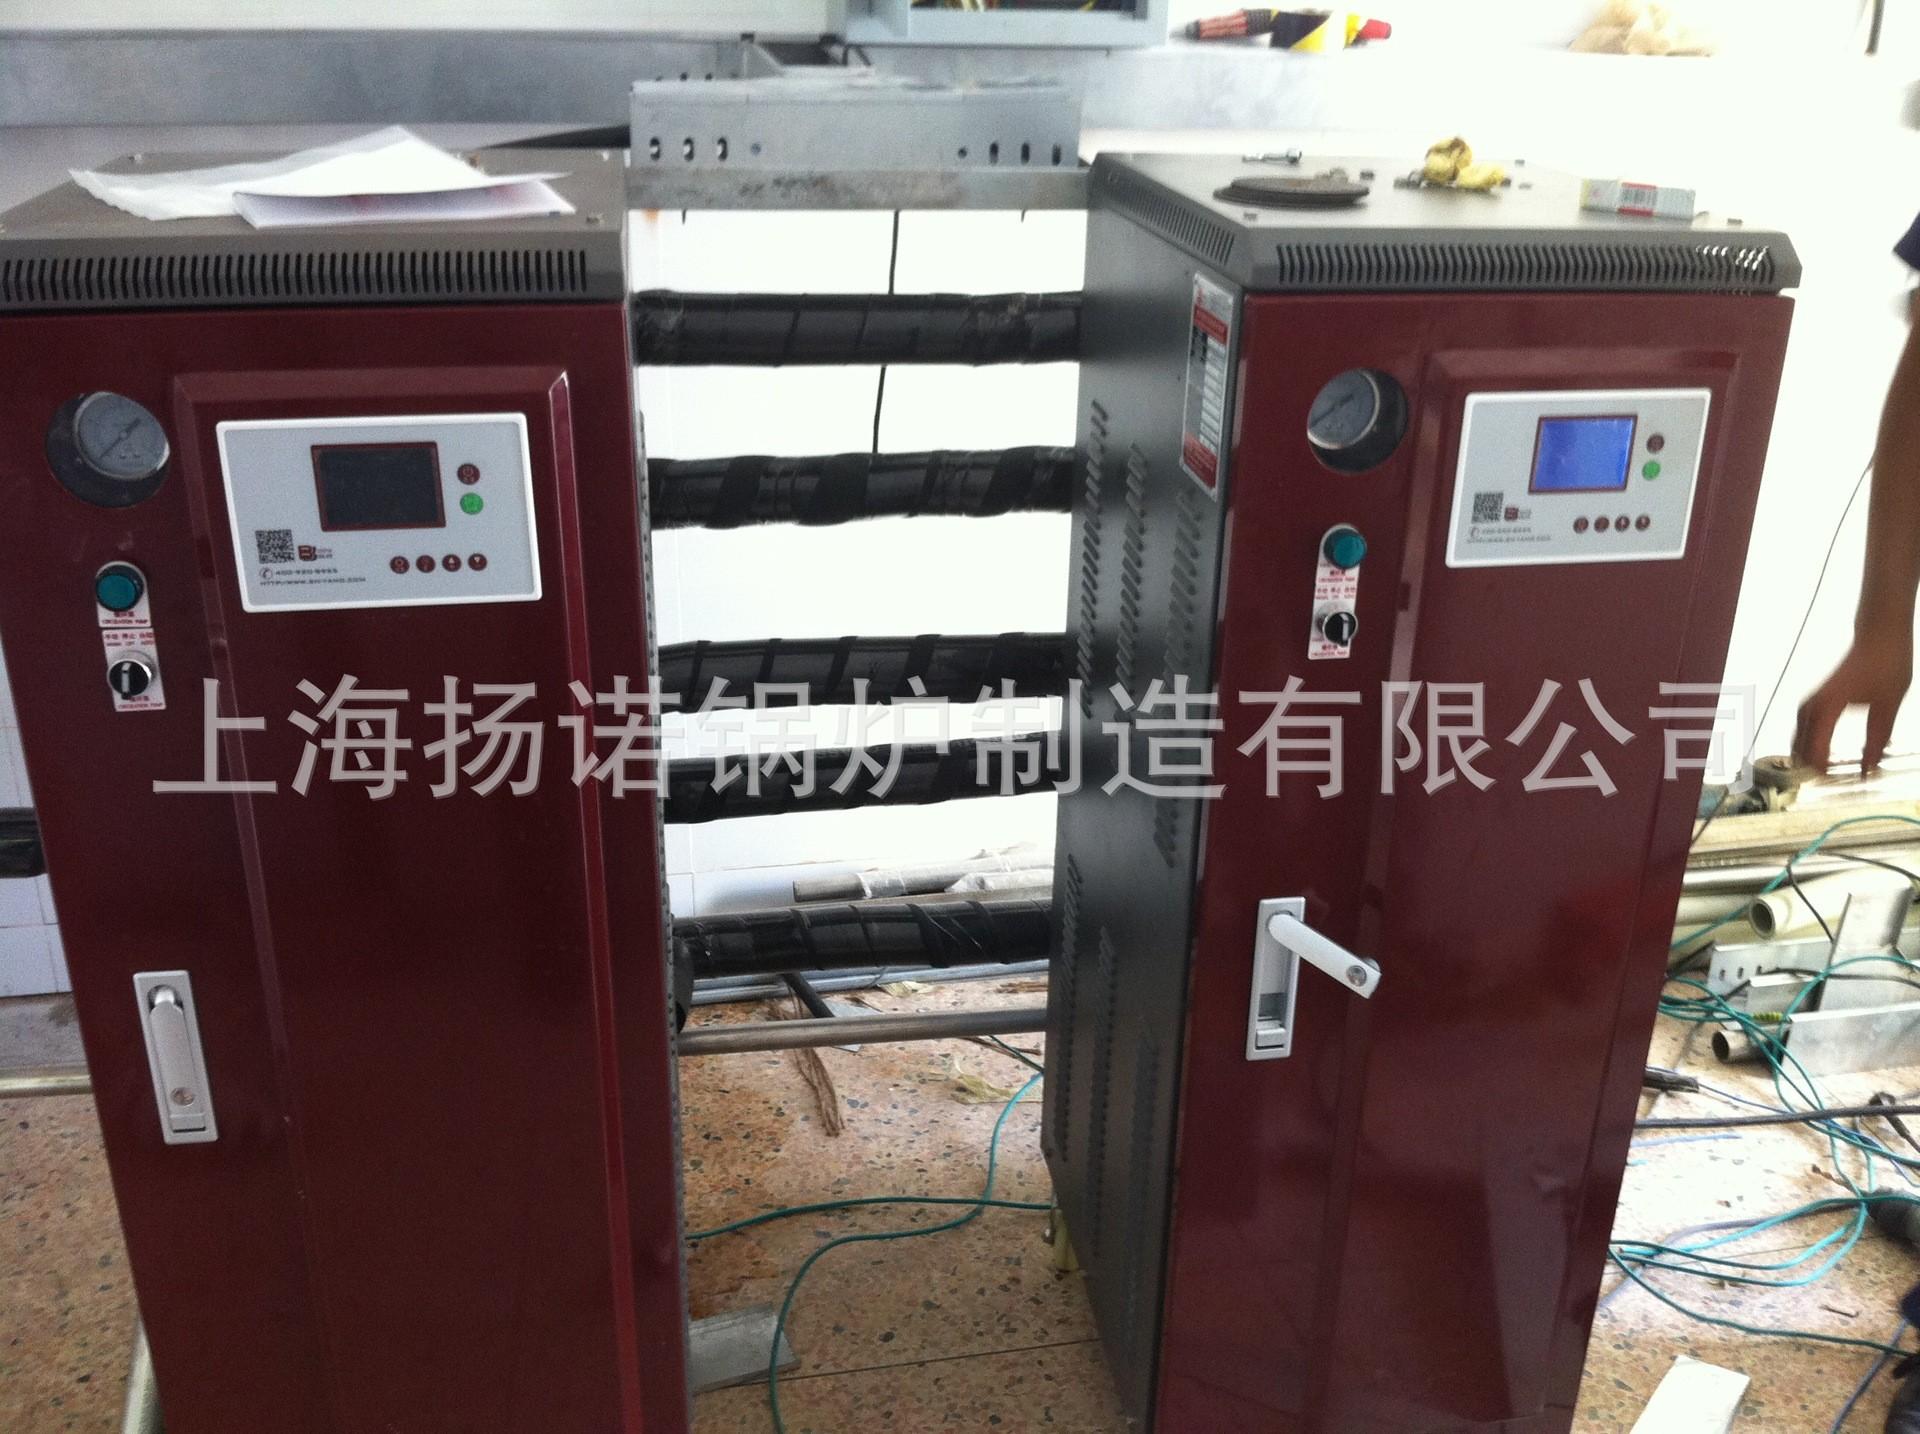 厂家供应全自动液晶显示36kw电热水锅炉 快装锅炉 工业锅炉